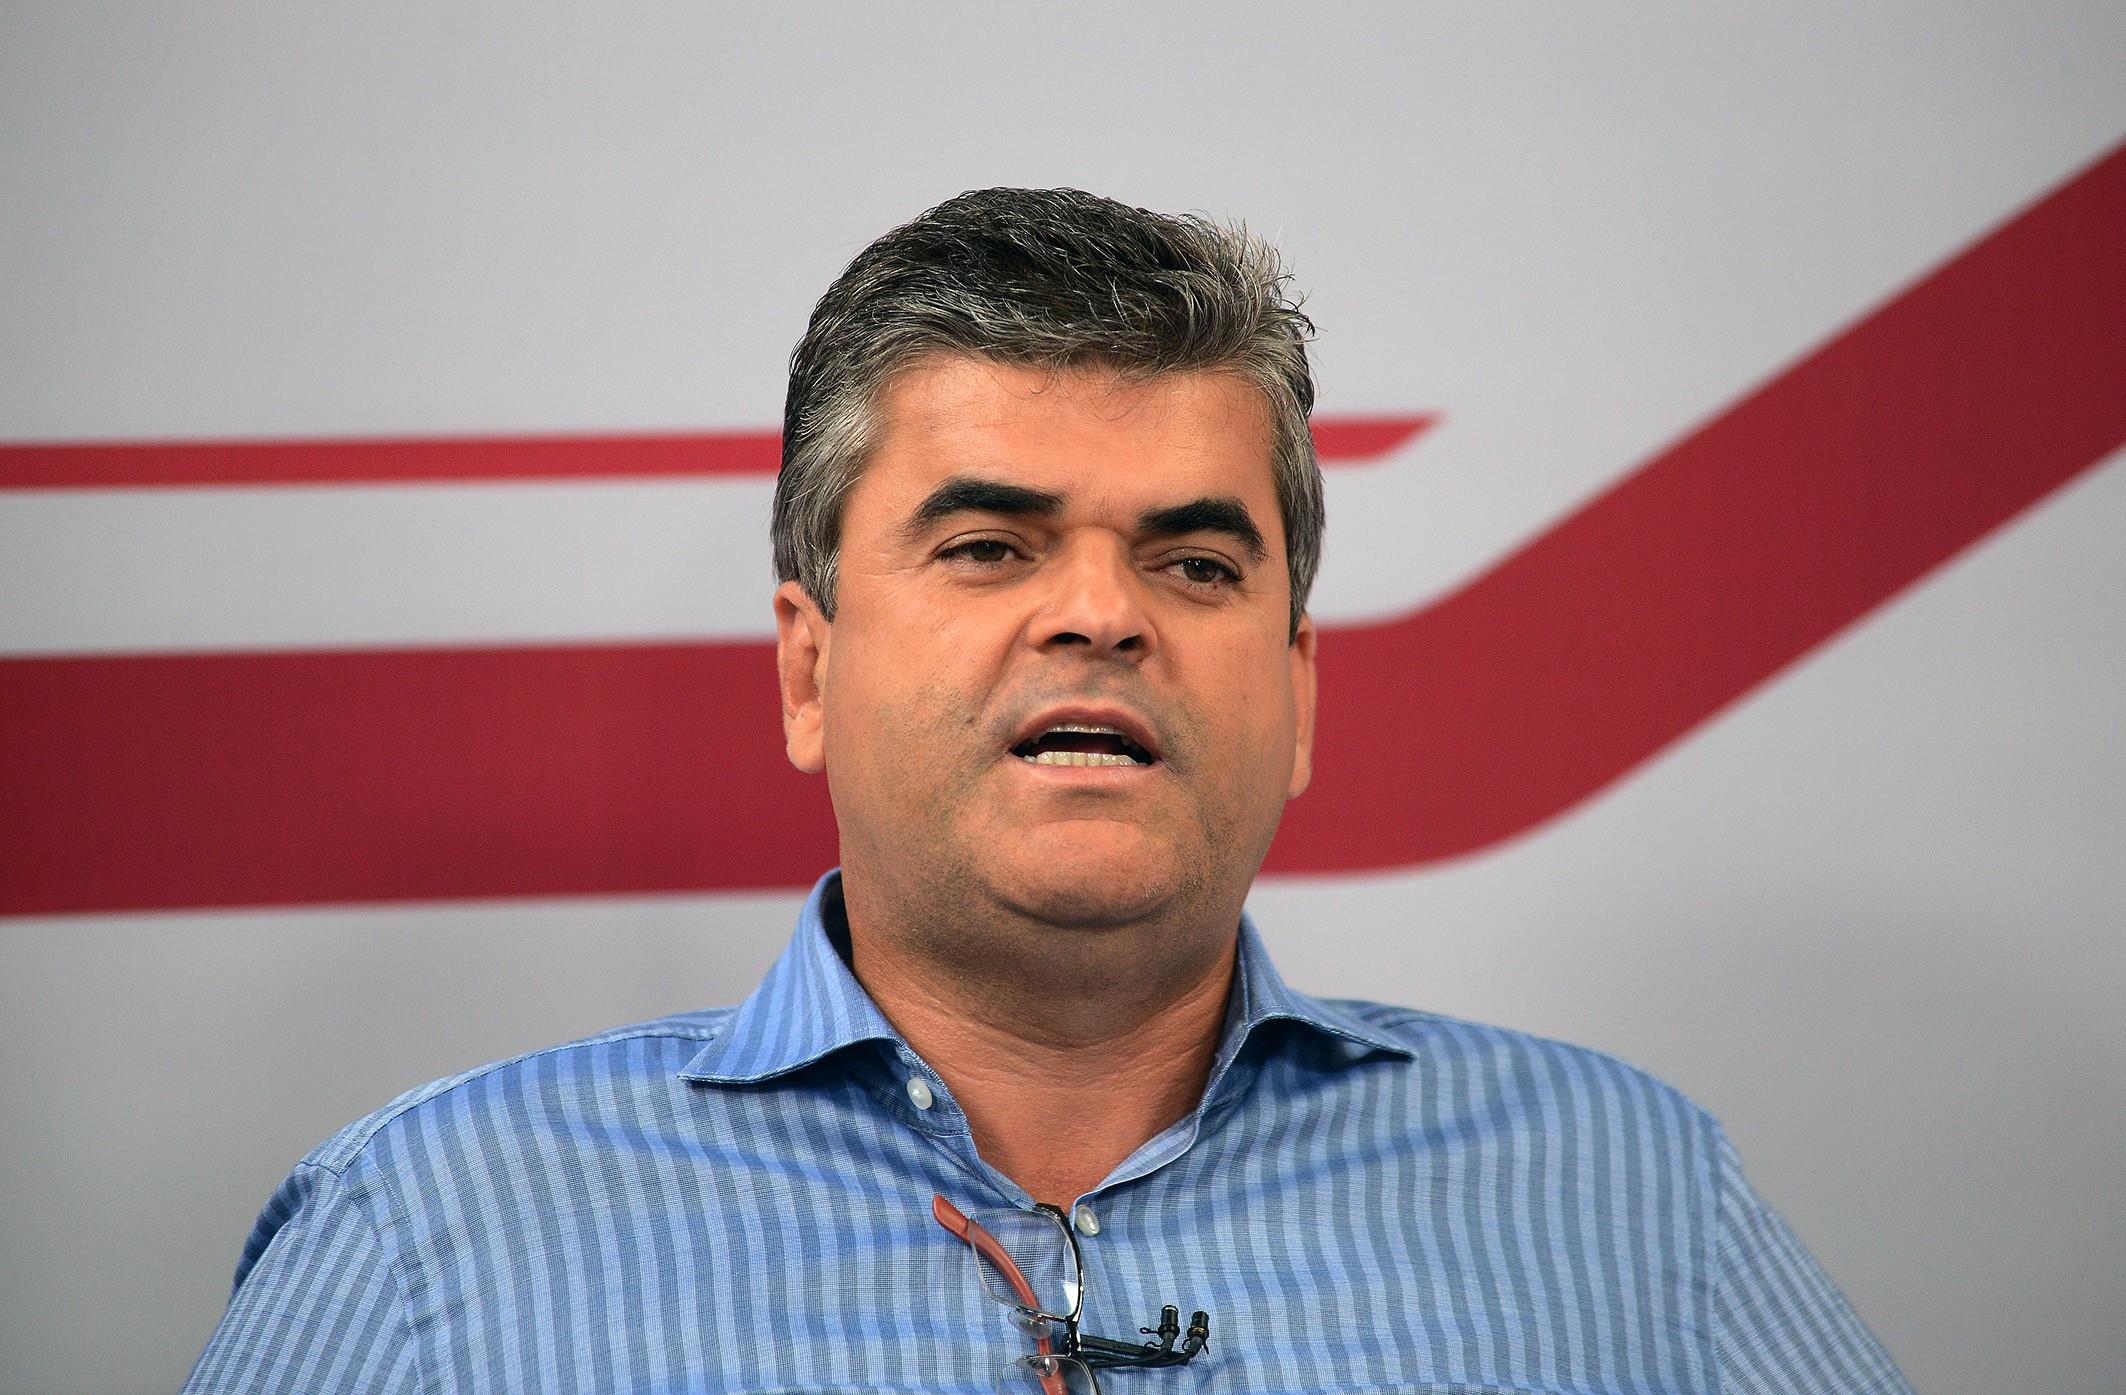 Segunda Turma do STF suspende efeitos de condenação do prefeito reeleito de Duque de Caxias